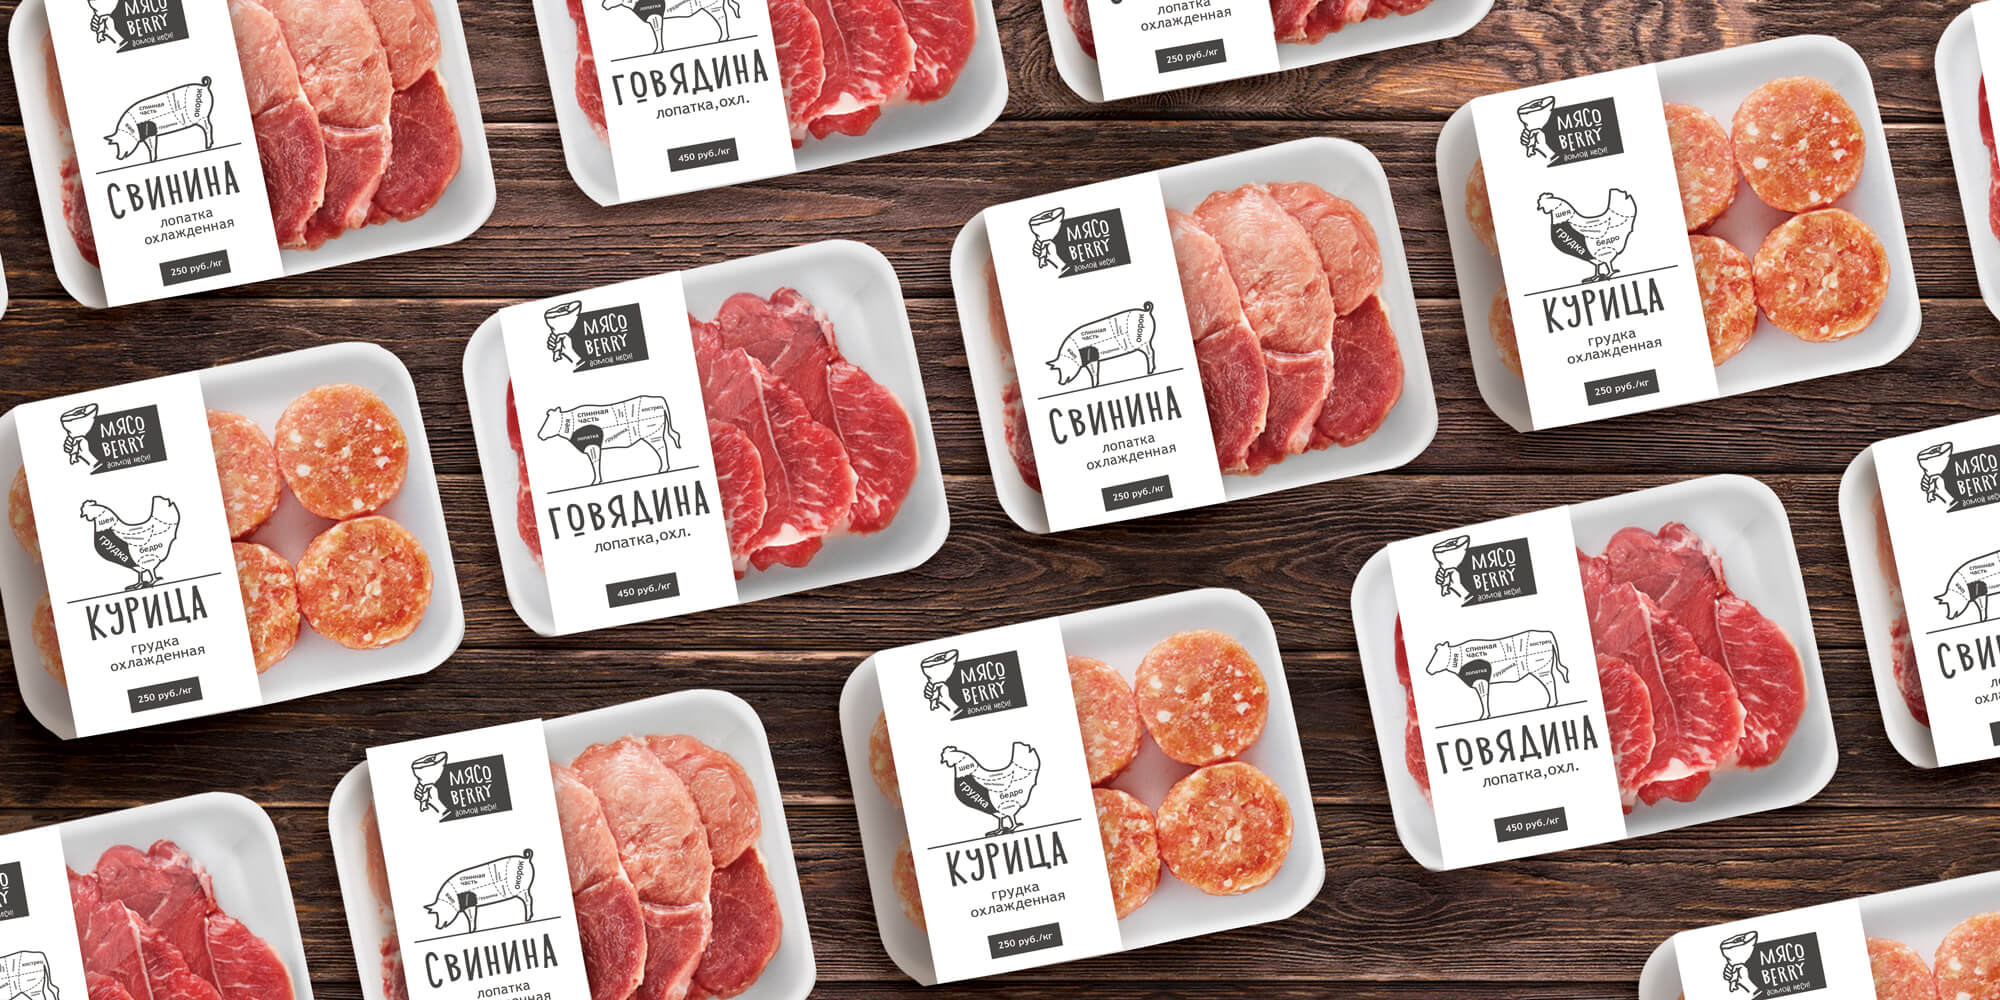 Дизайн упаковки мясных полуфабрикатов - фирменный магазин МясоBerry